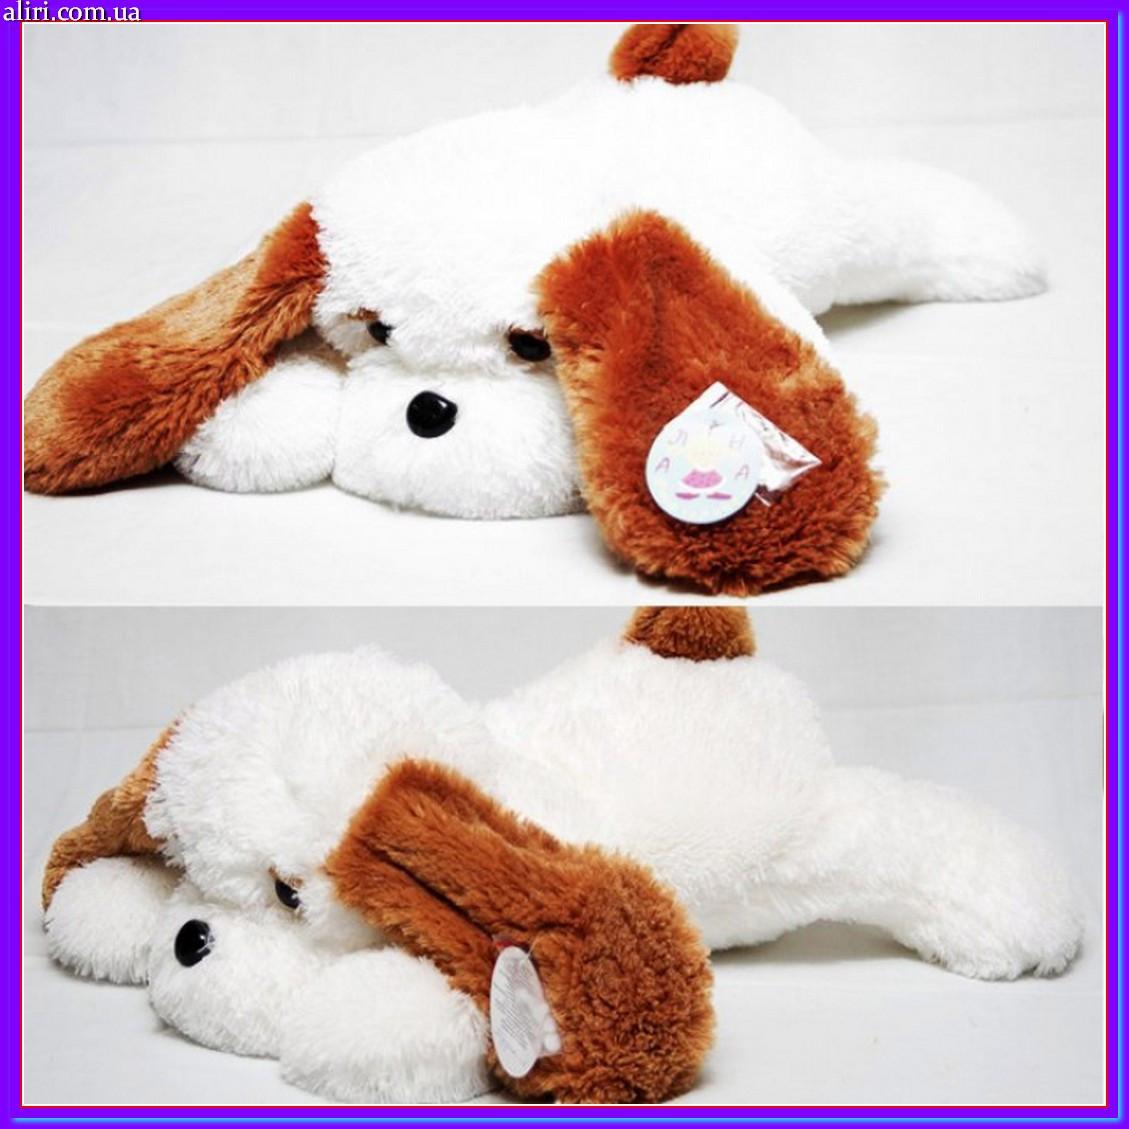 Большая мягкая игрушка плюшевая собачка 65 см белый цвет